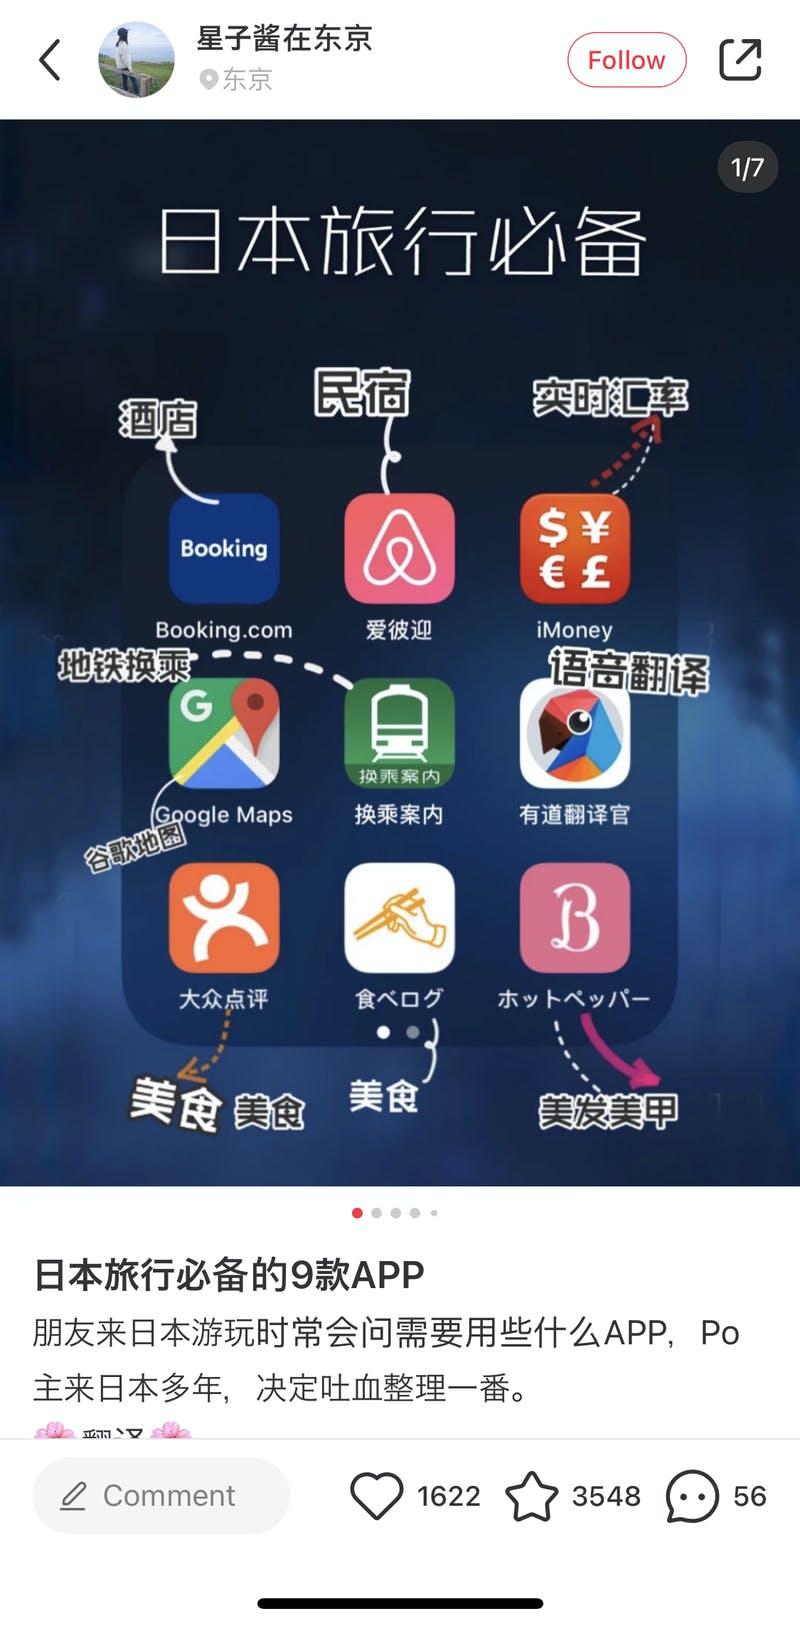 日本旅行の際に使うべき9つのアプリを紹介するSNS投稿